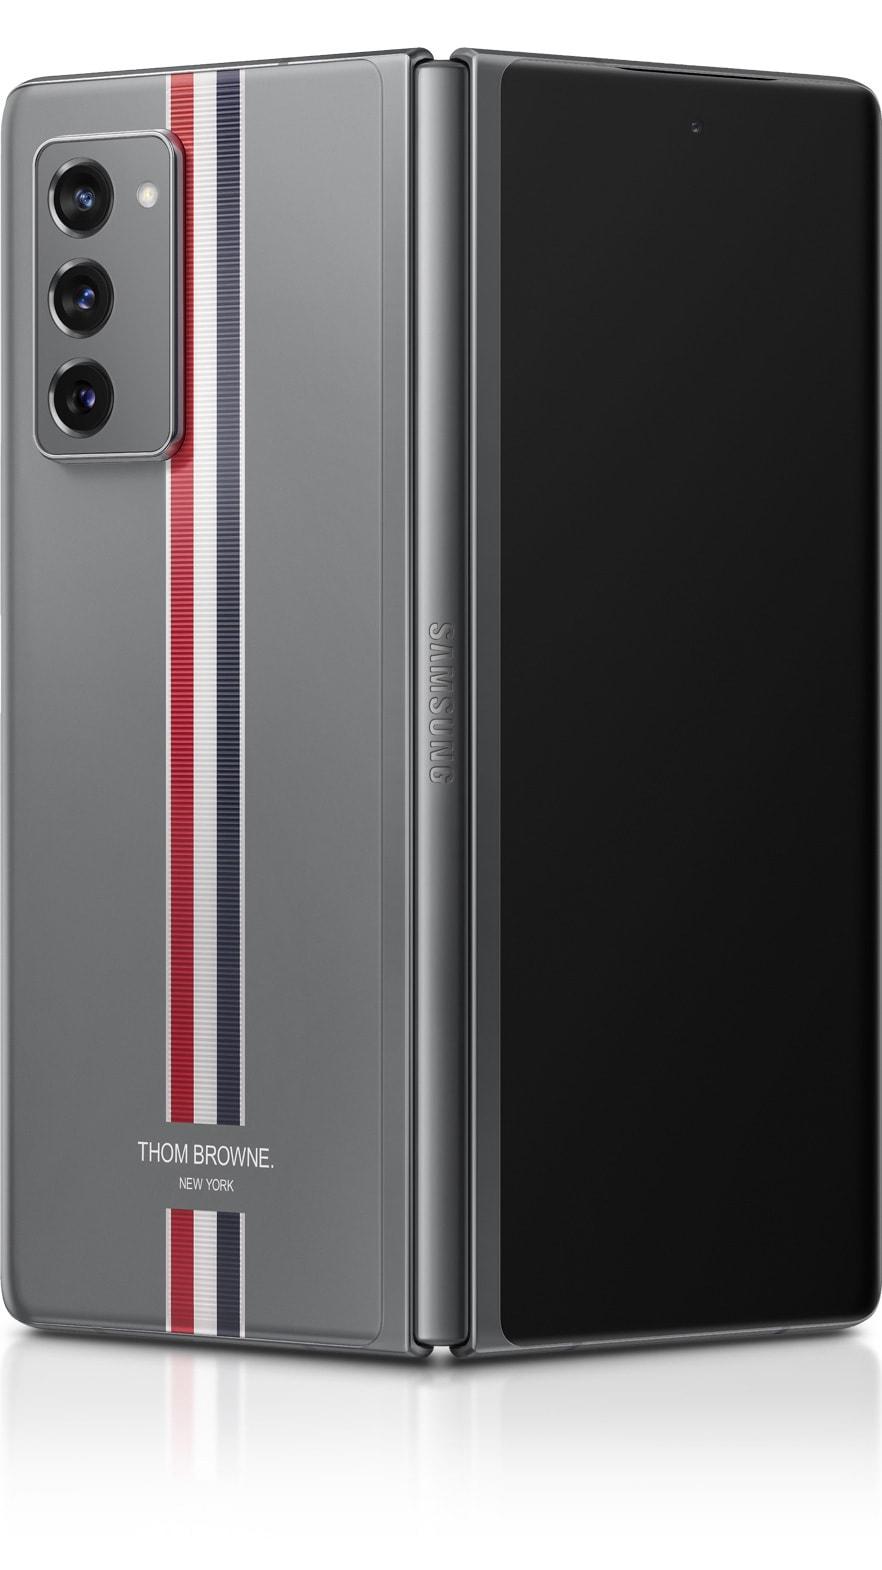 Thom Browne Edition Samsung Galaxy Z Fold 2 Samsung Uk